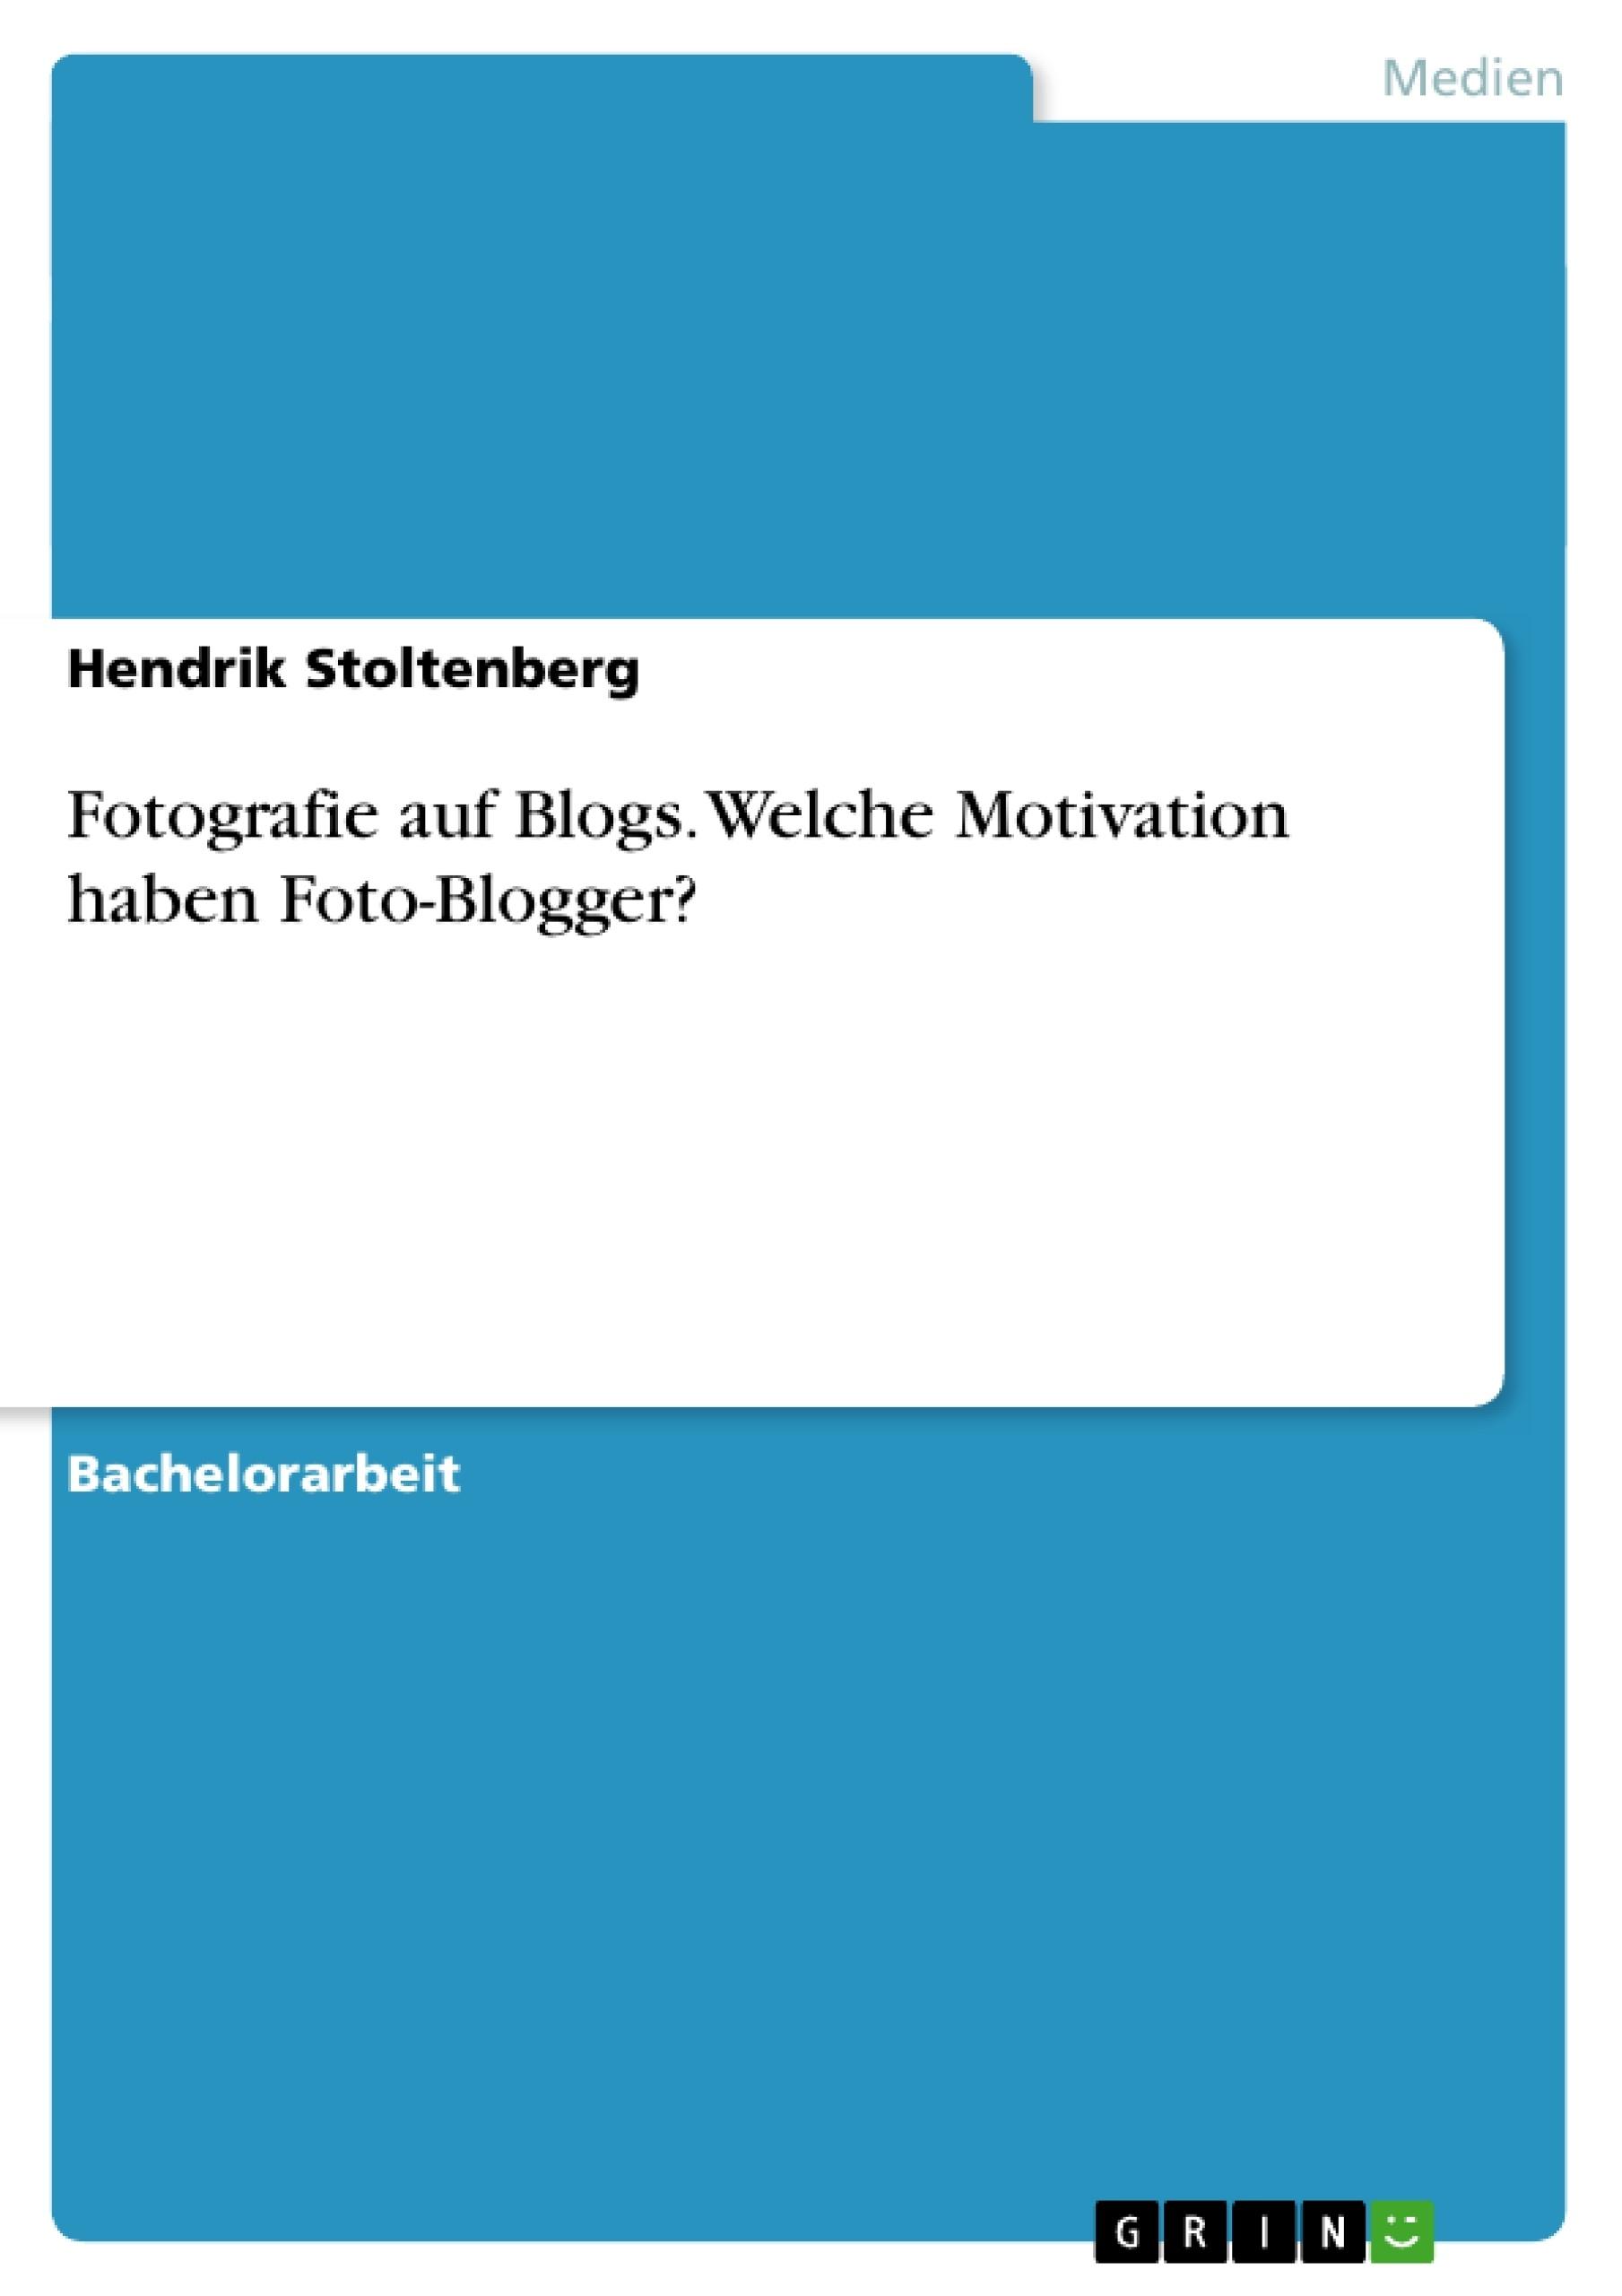 Titel: Fotografie auf Blogs. Welche Motivation haben Foto-Blogger?